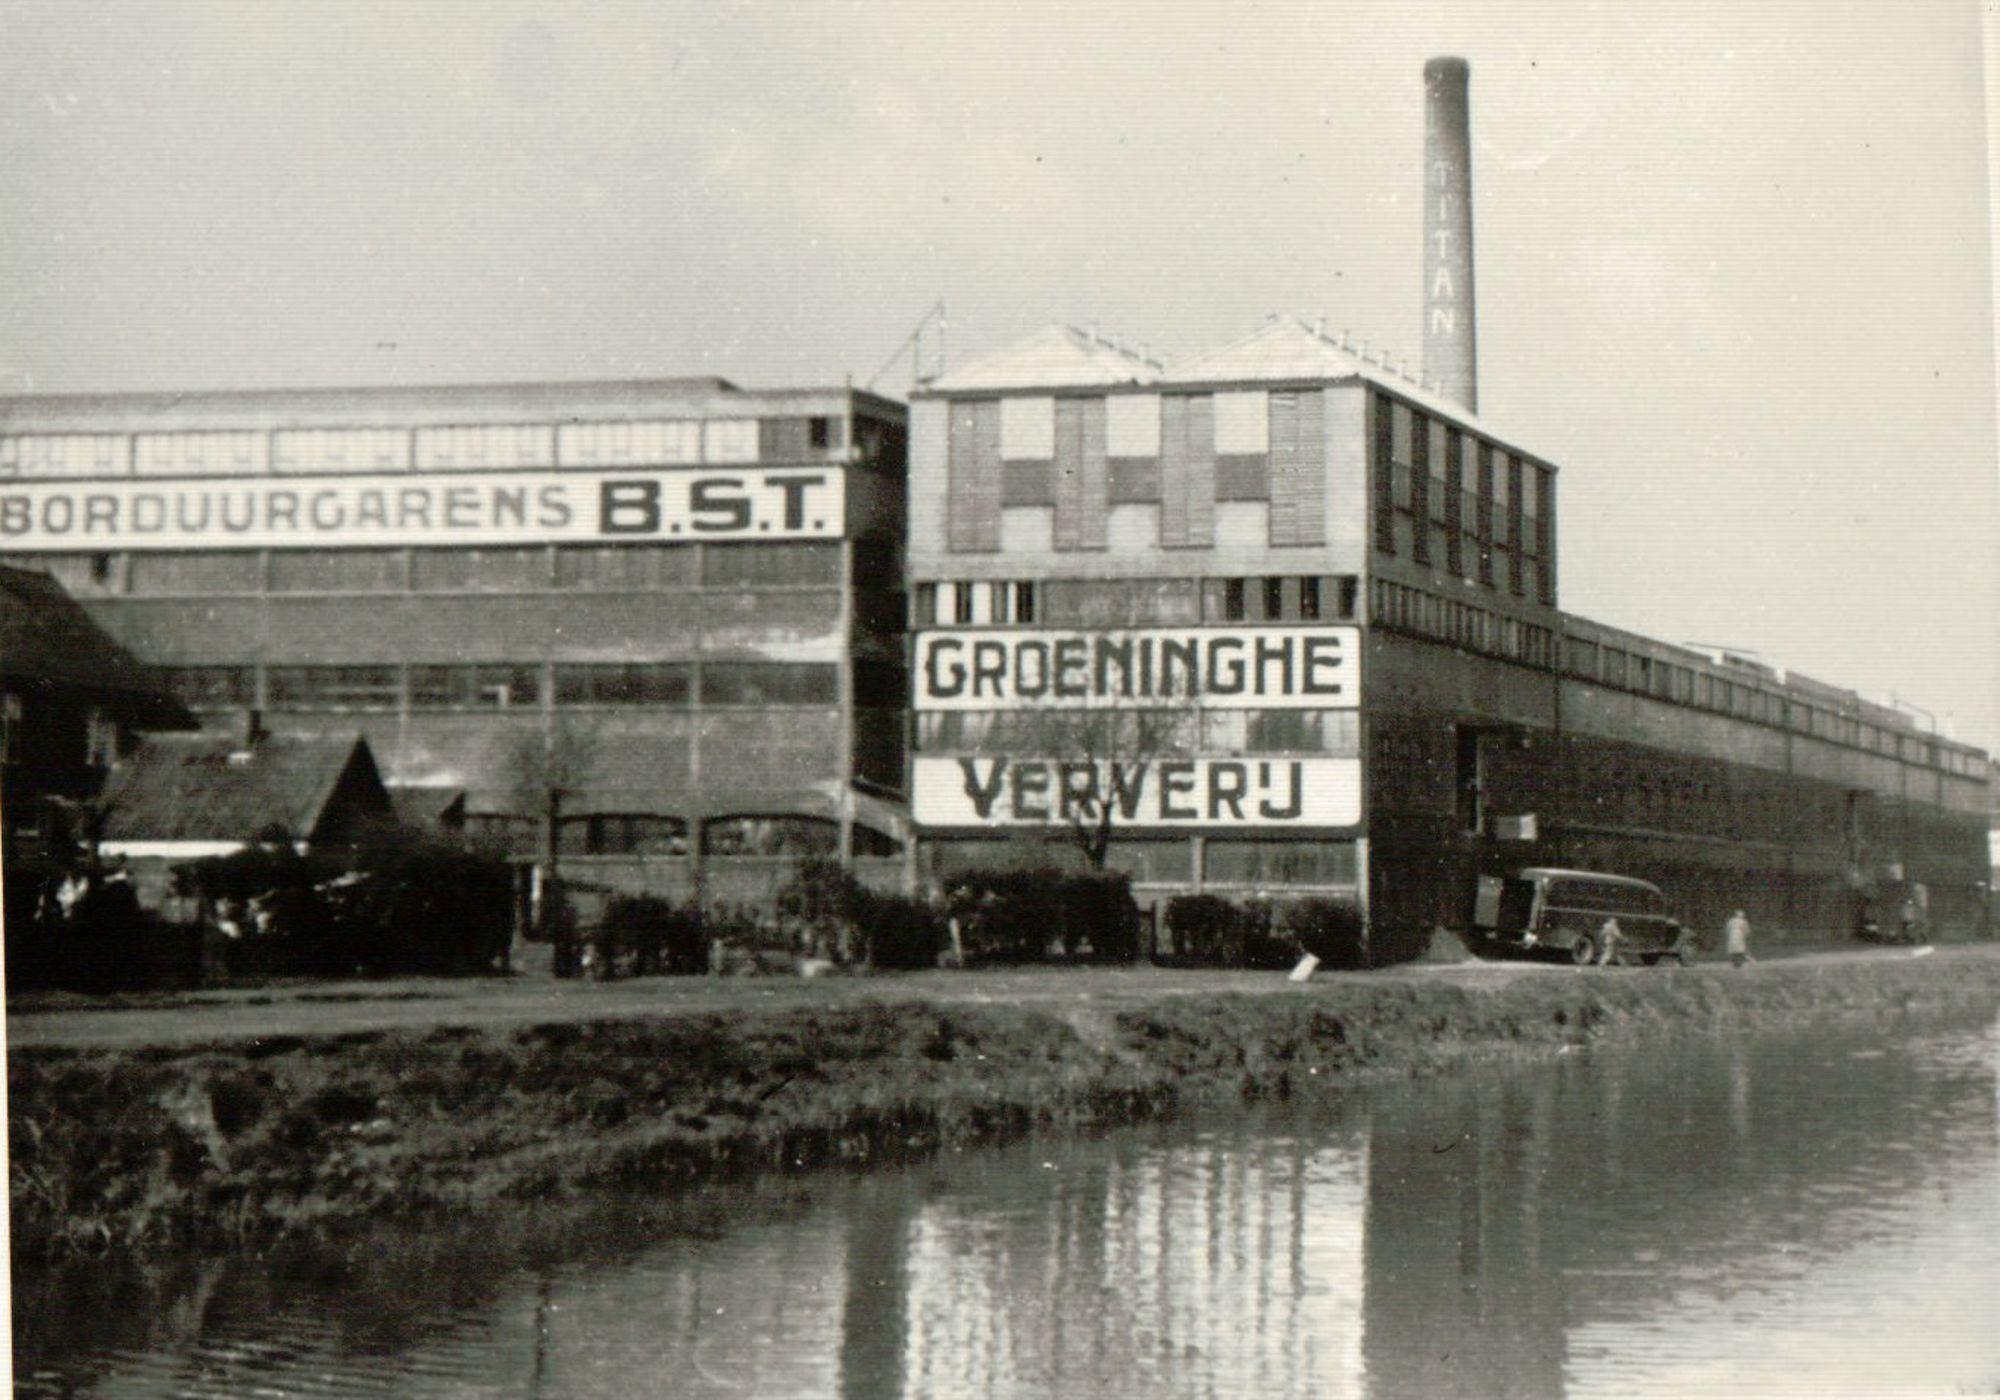 Groeninghe Ververij